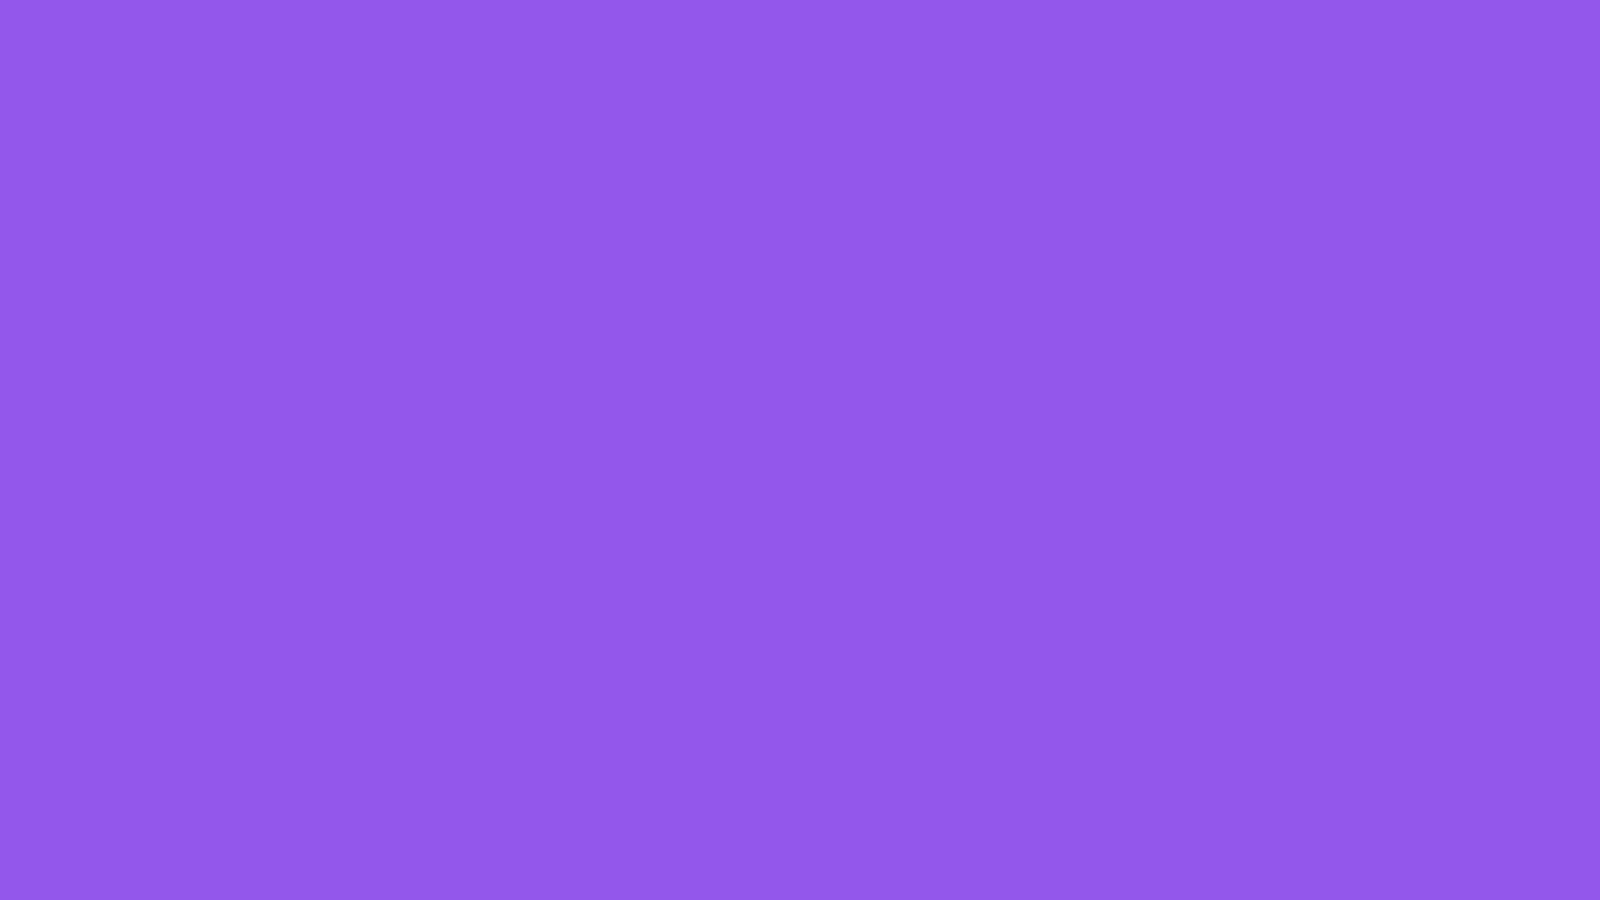 Hd wallpapers color purple wallpapersafari - Wallpaper lavender color ...